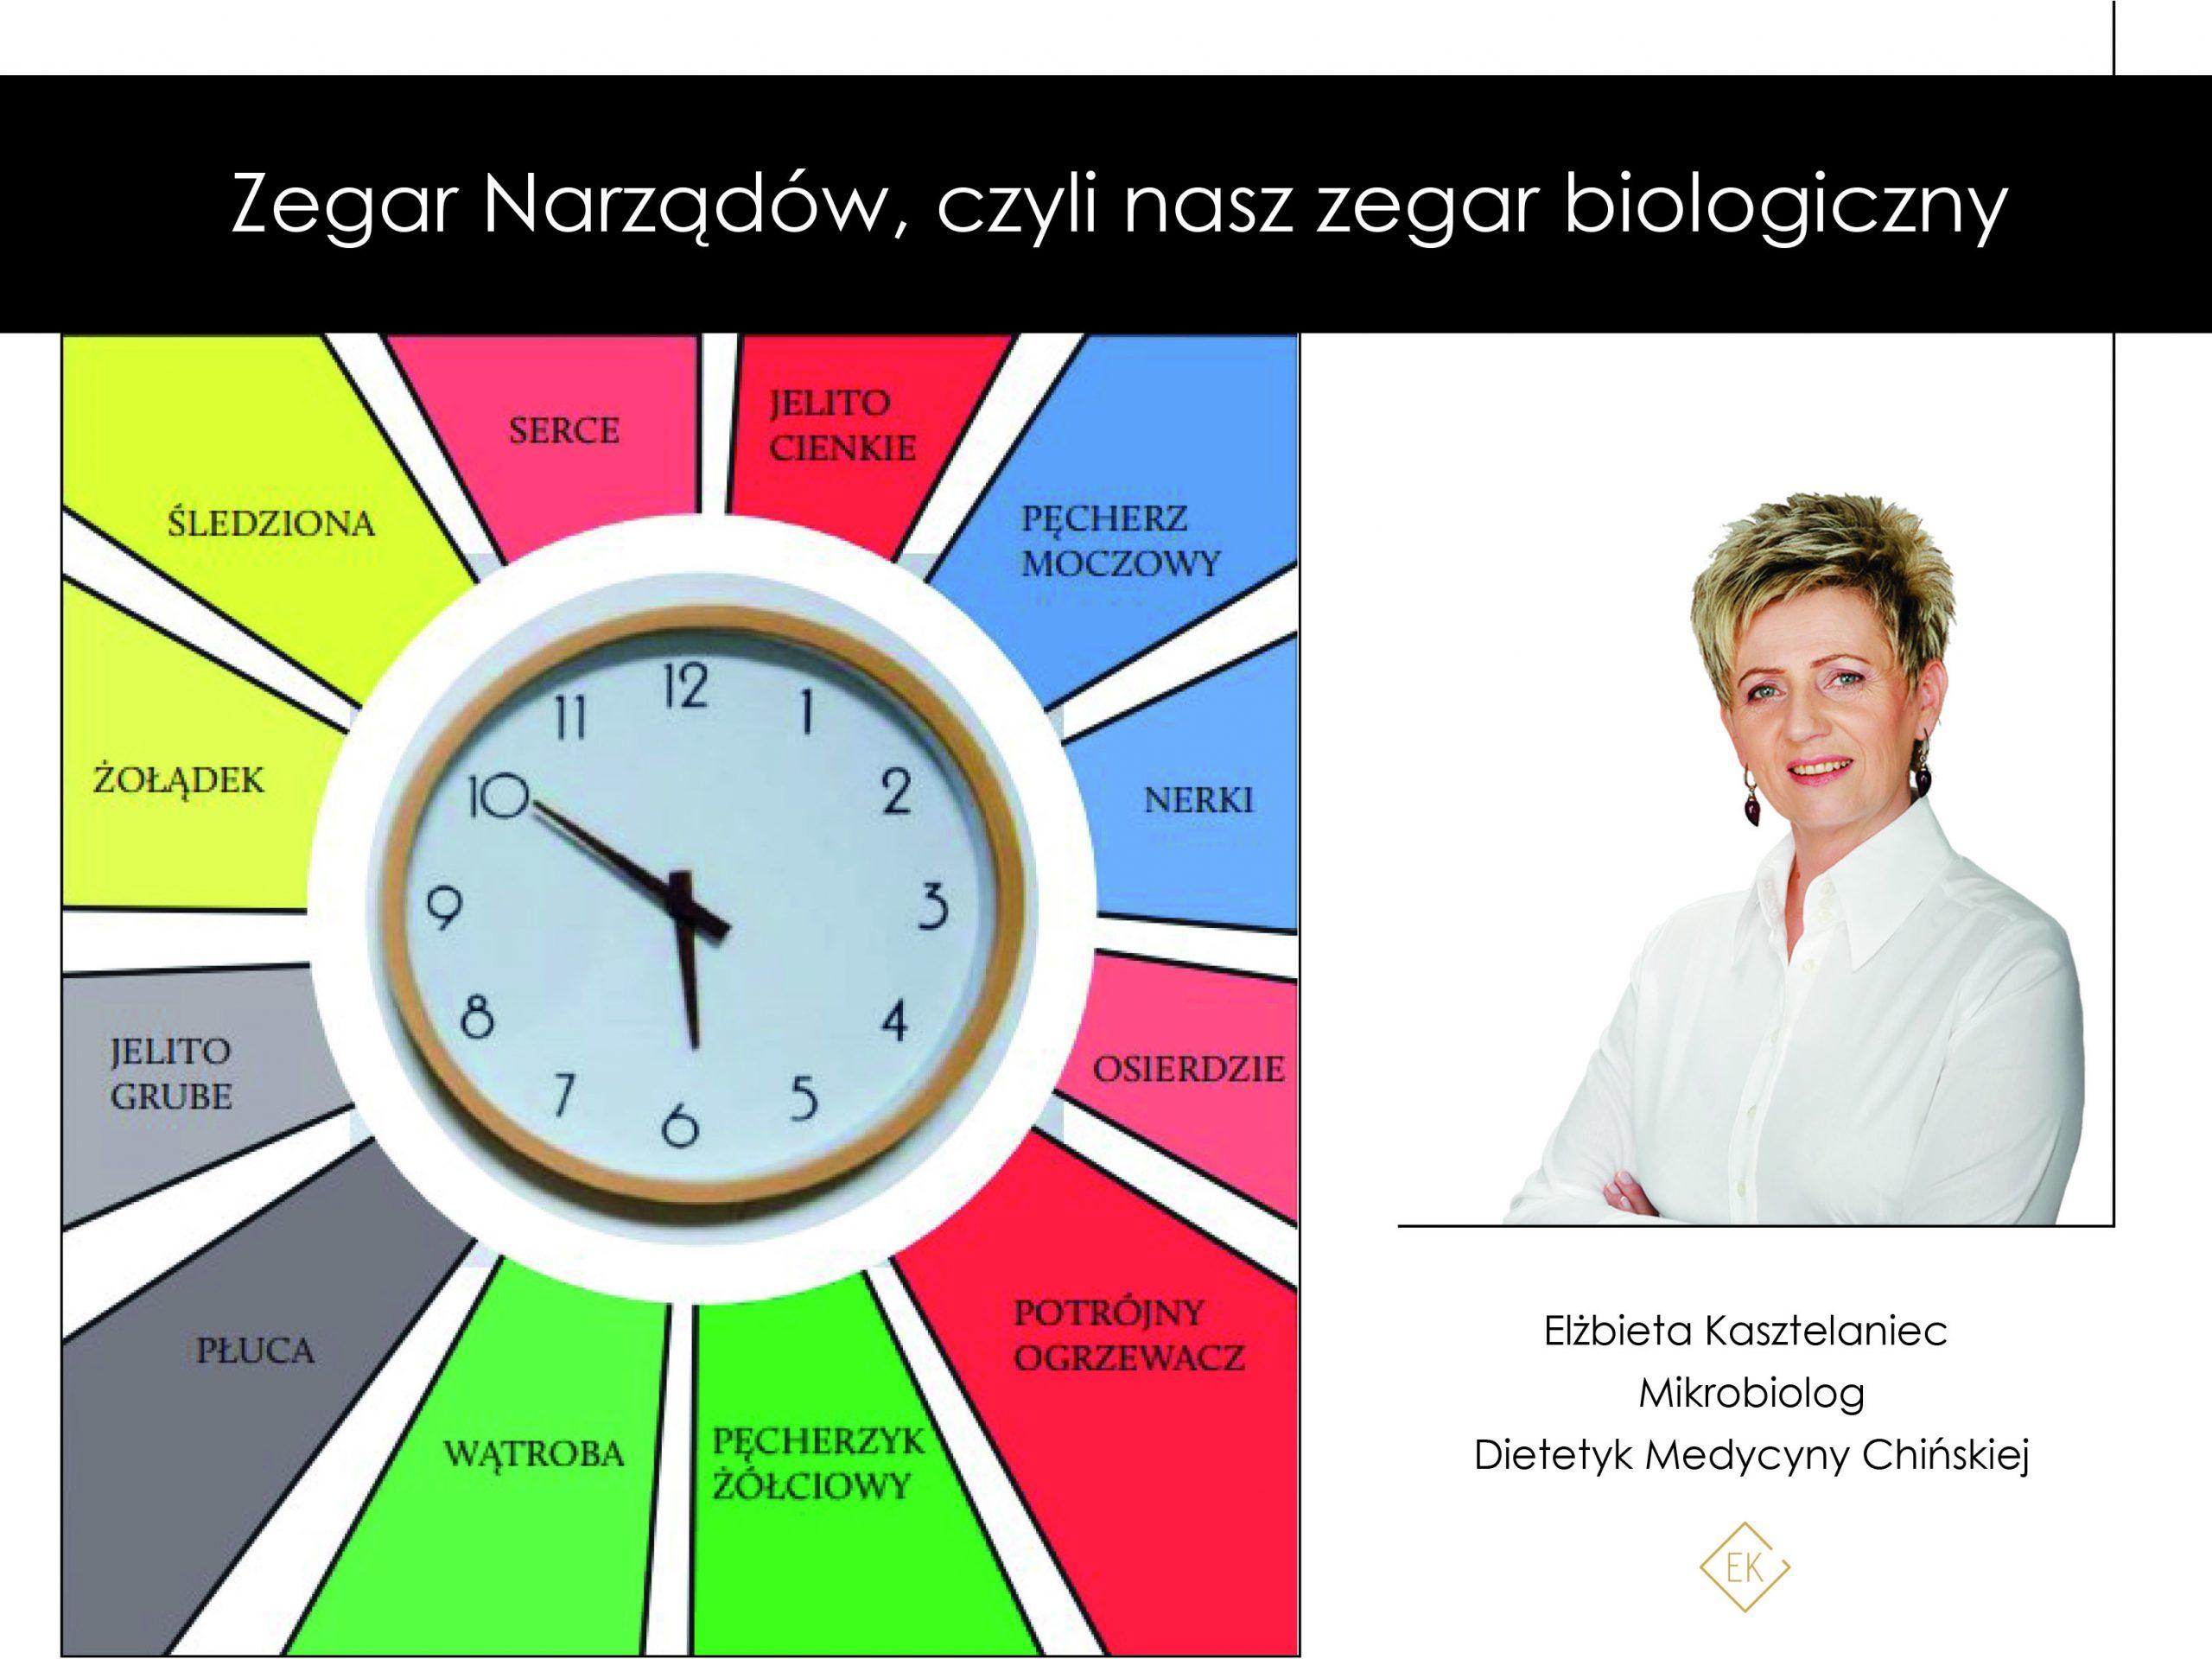 Zegar narządów